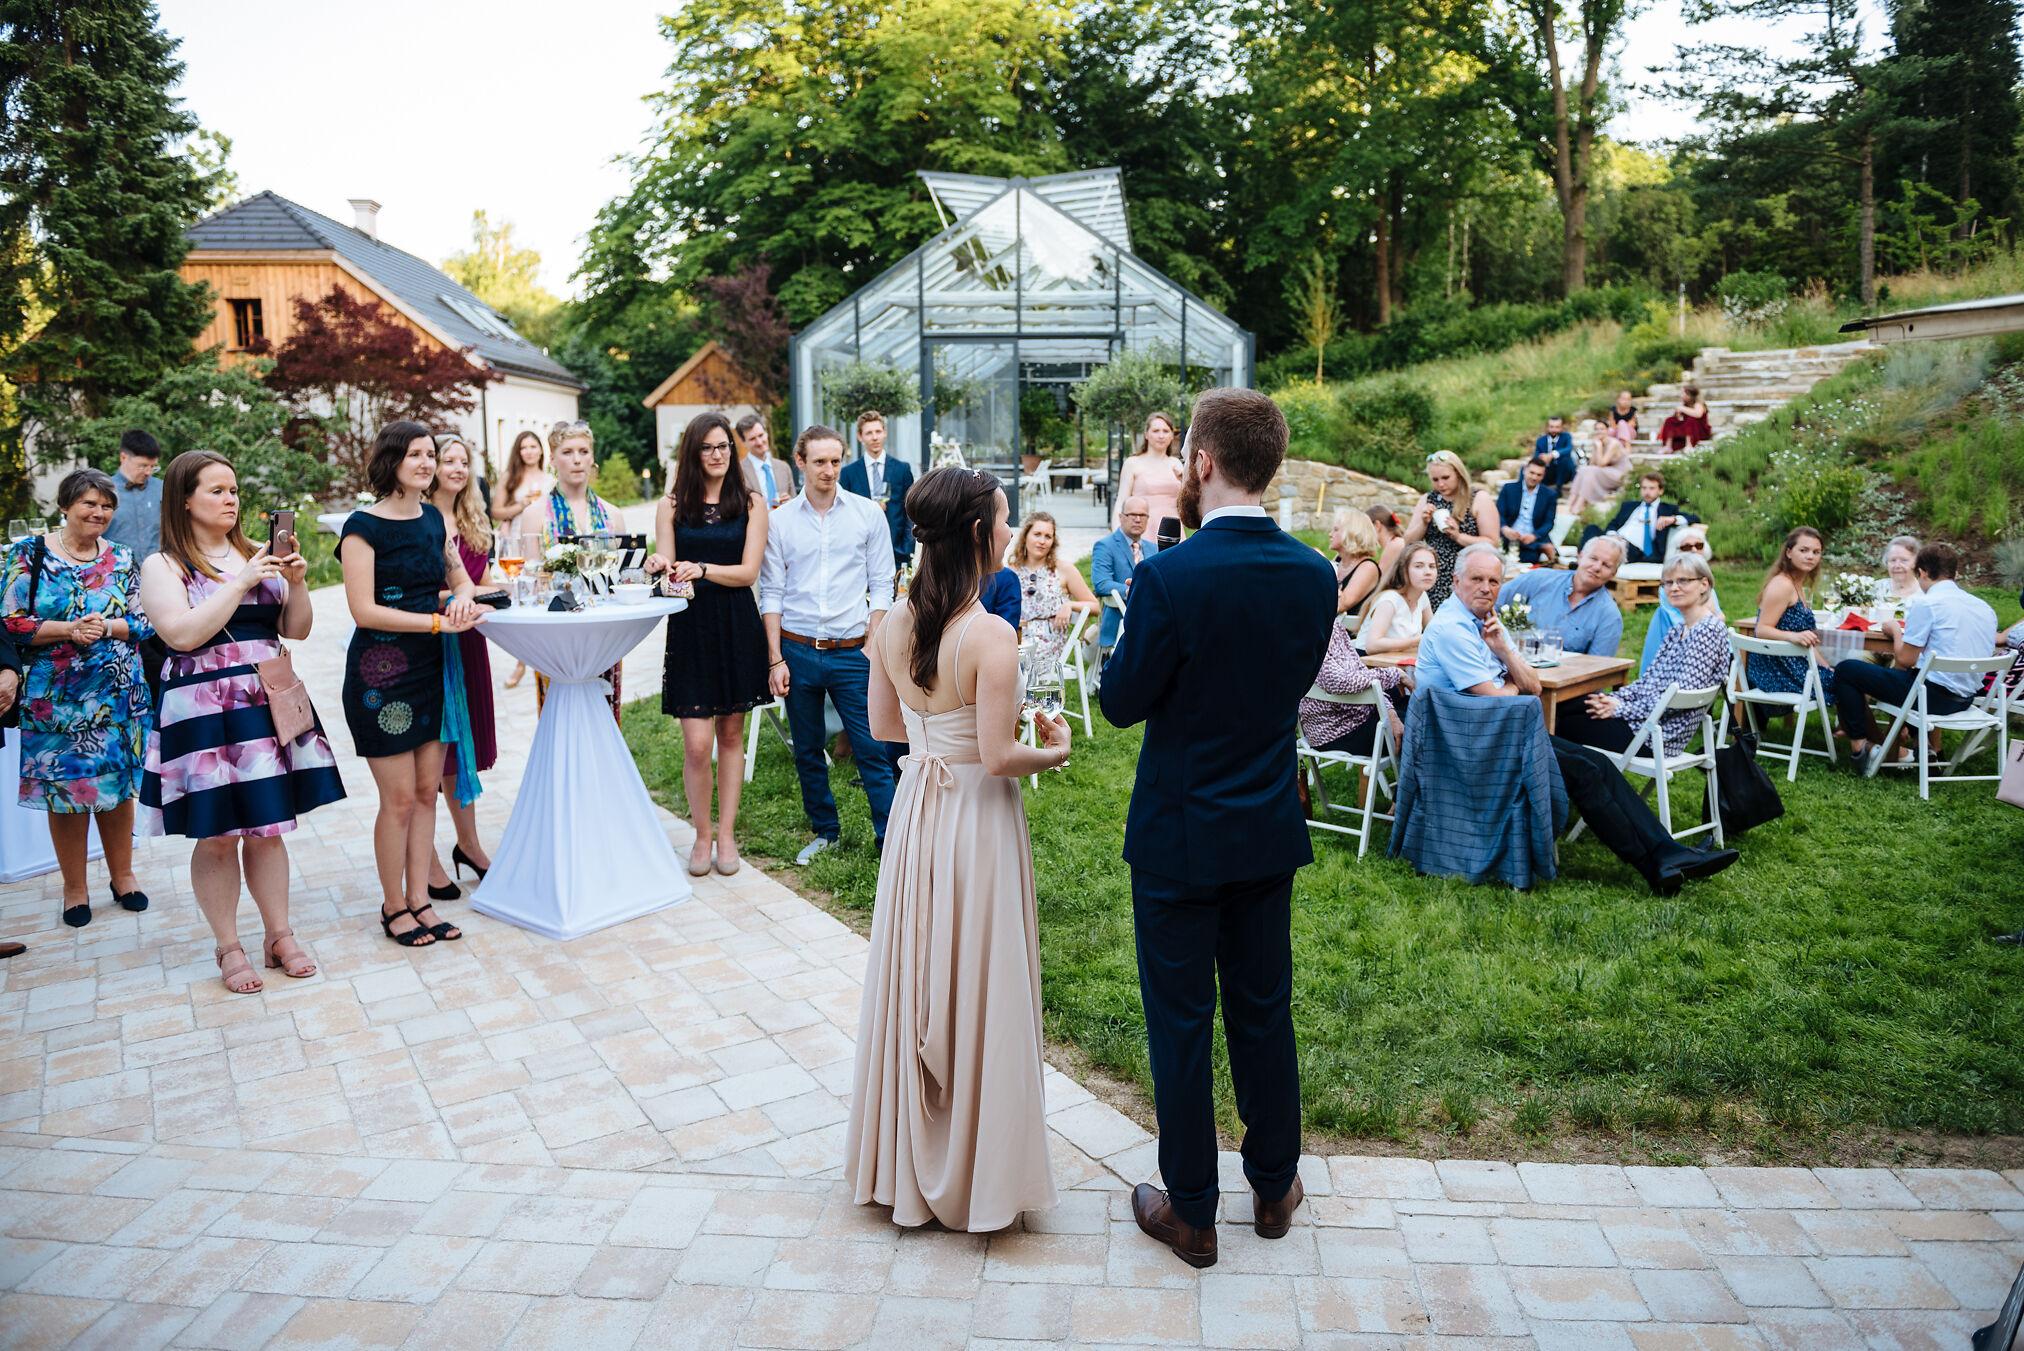 Hochzeit-Garten-Denoti-35.jpg